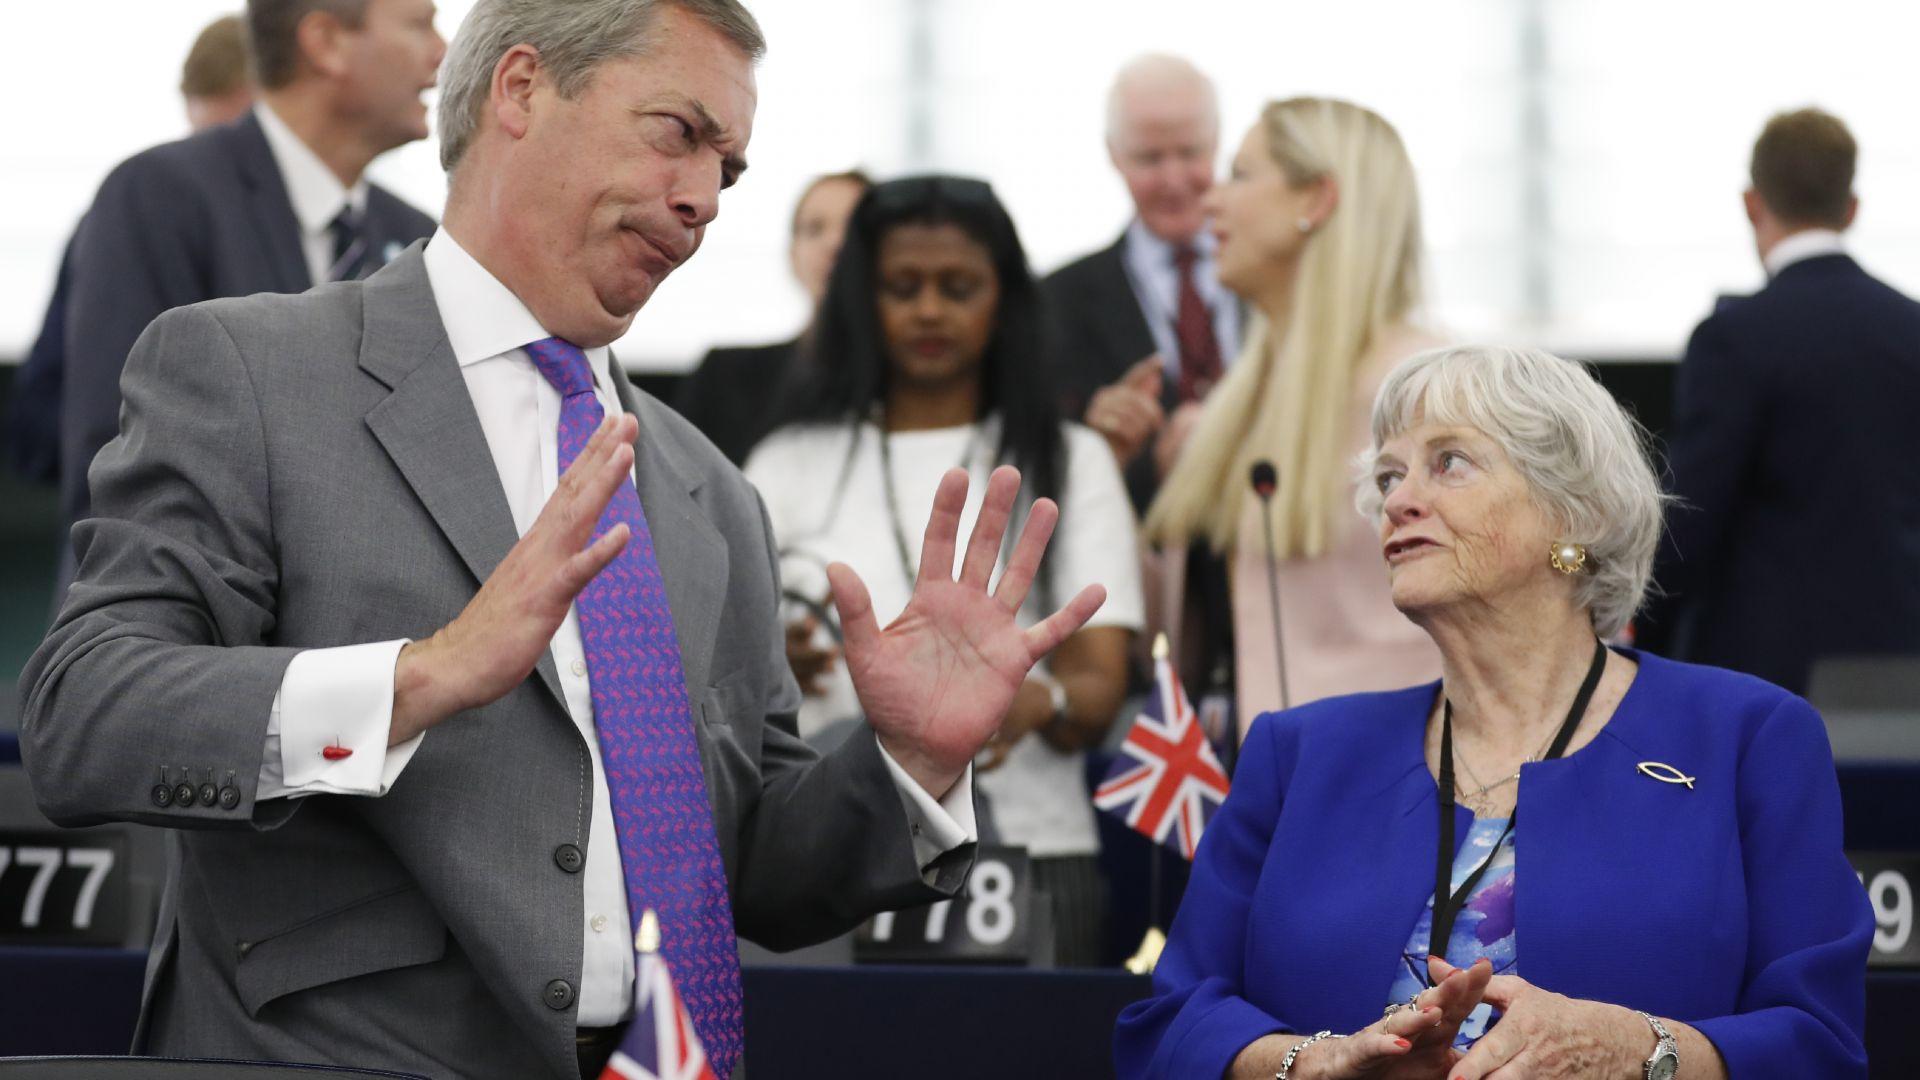 Найджъл Фараж, лидерът на новата британска Брекзит партия, заяви, че